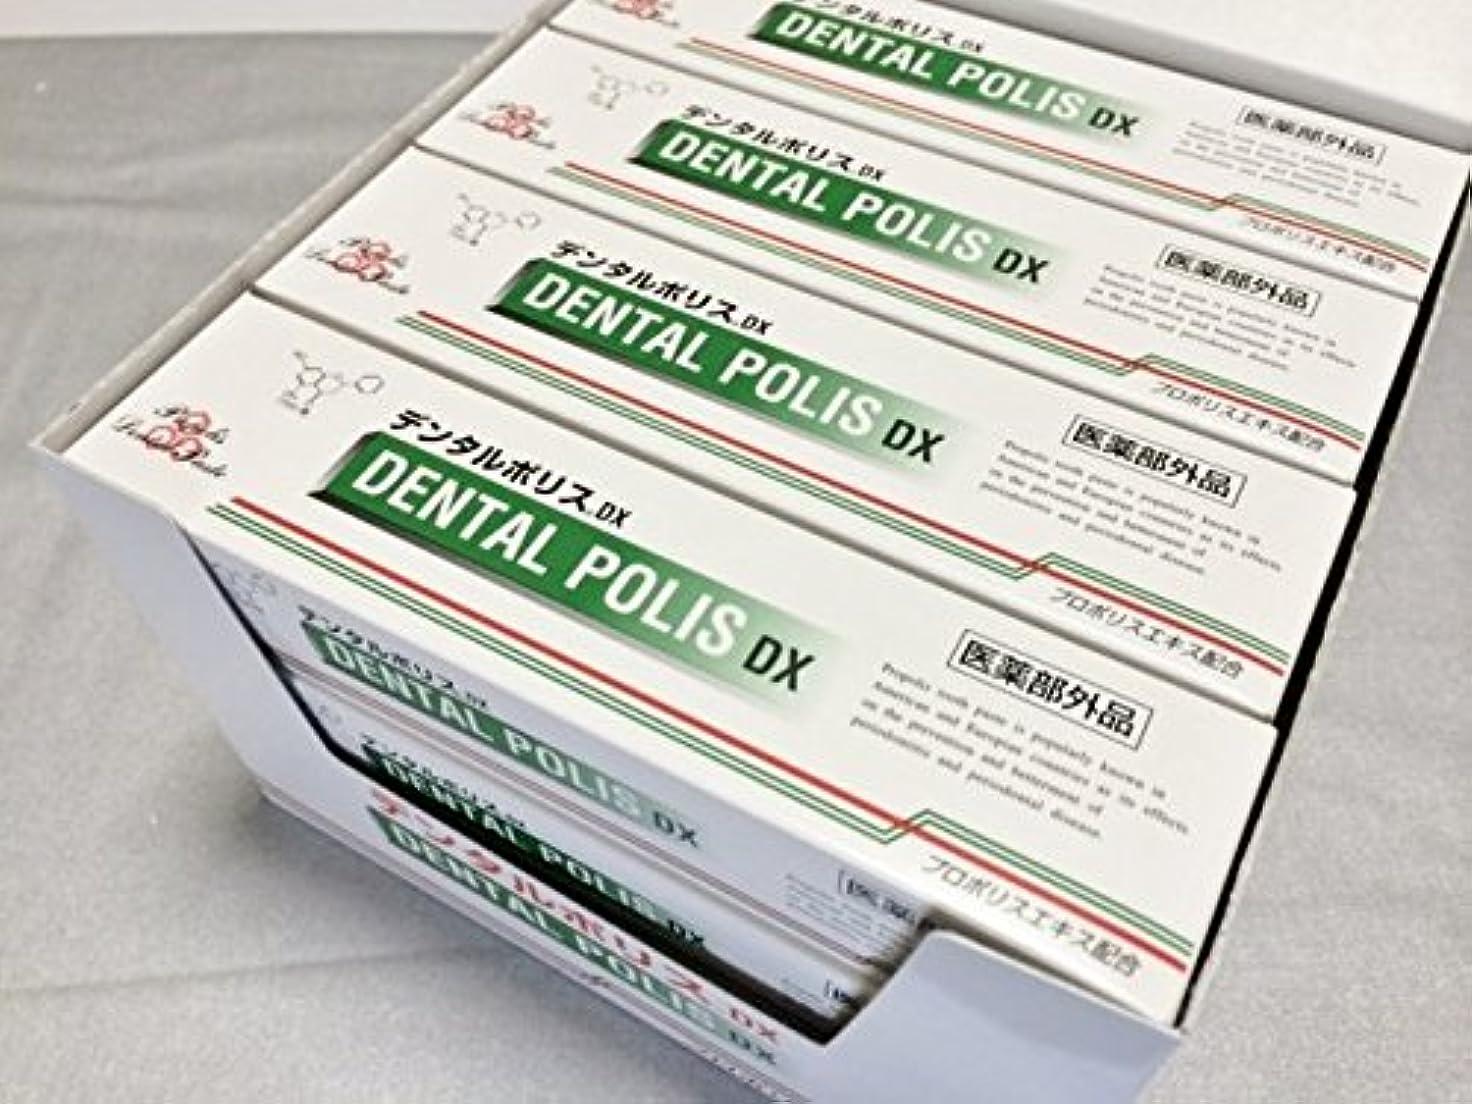 スイング好色な作るデンタルポリス DX 12本セット 医薬部外品